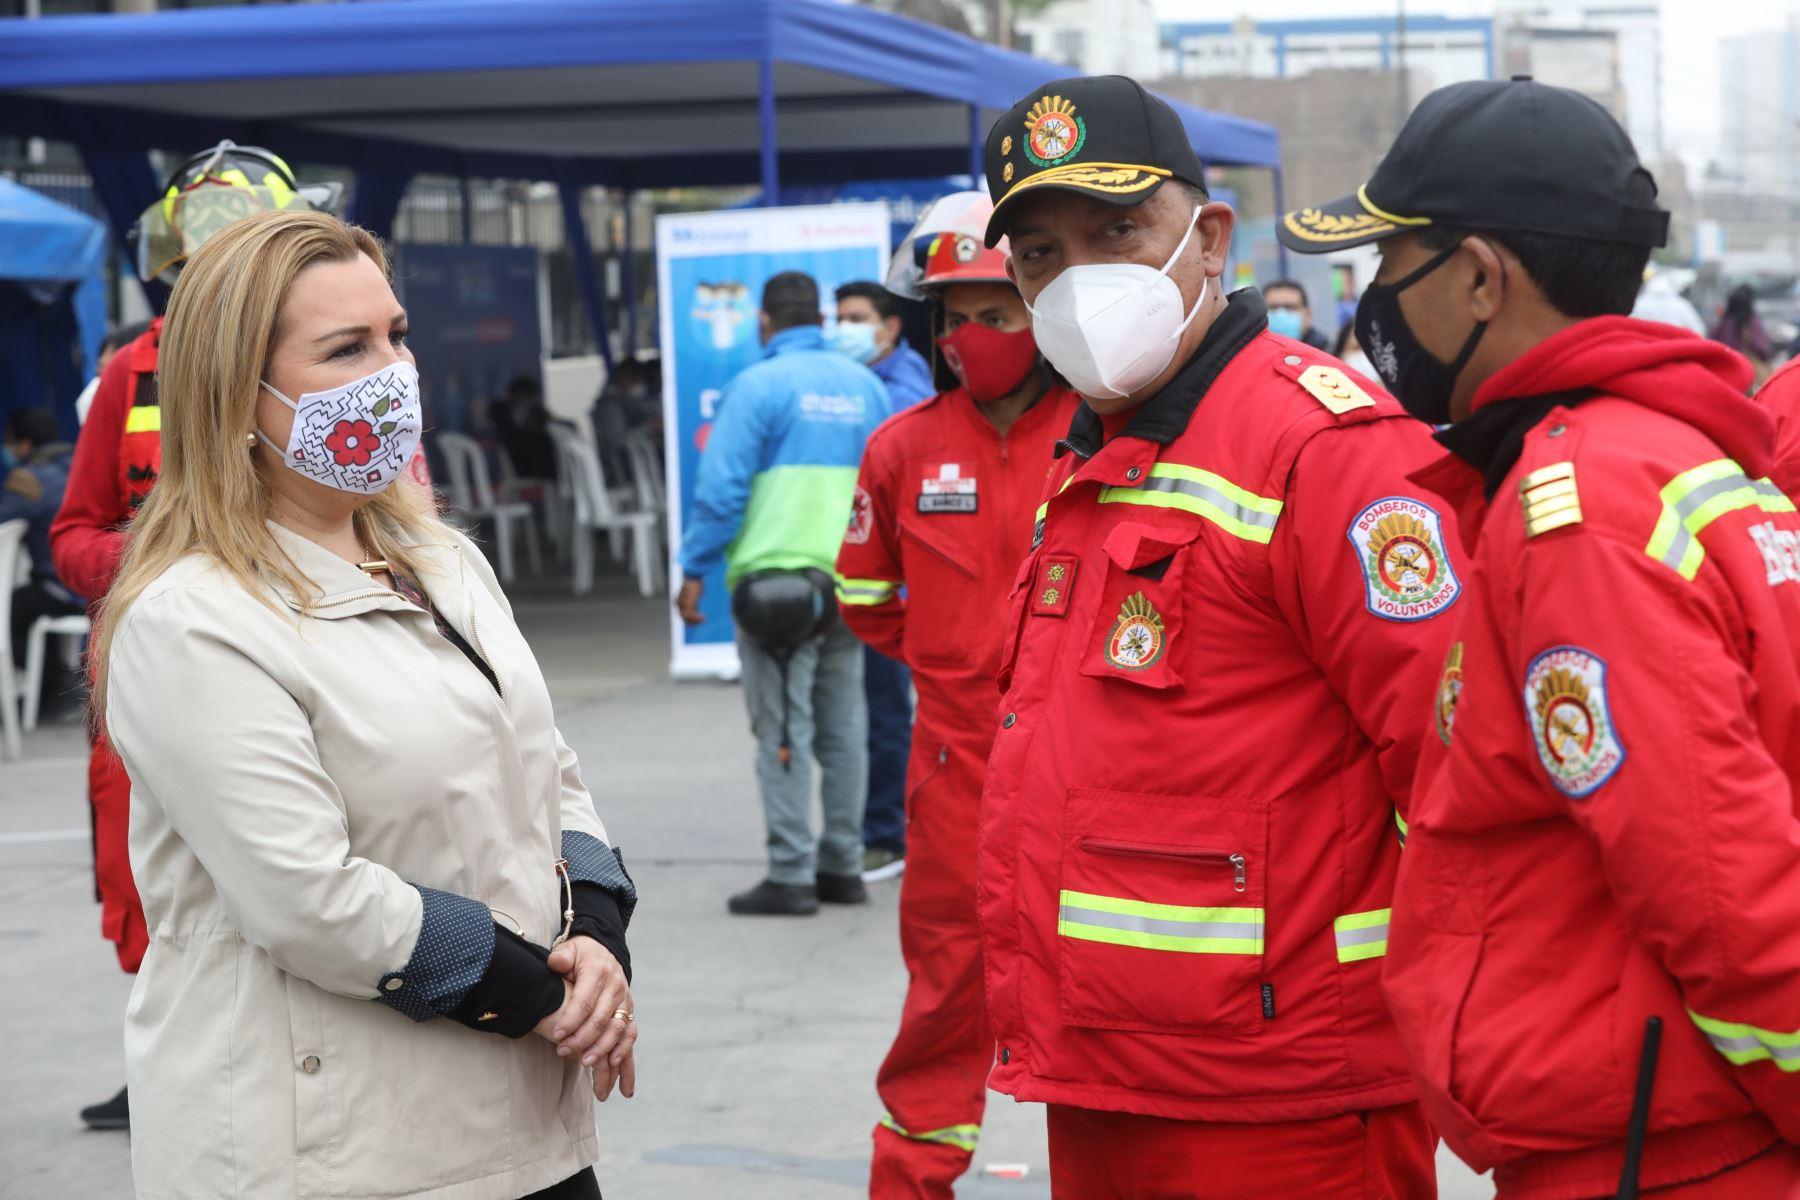 La presidenta ejecutiva de EsSalud, Fiorella Molinelli, supervisó el inicio del megaoperativo para la detección temprana de la covid-19 con 1,000 pruebas moleculares a motorizados que realizan el servicio delivery, así como a miembros de la Policía Nacional y del Cuerpo de Bomberos del Perú. Foto: ANDINA/EsSalud